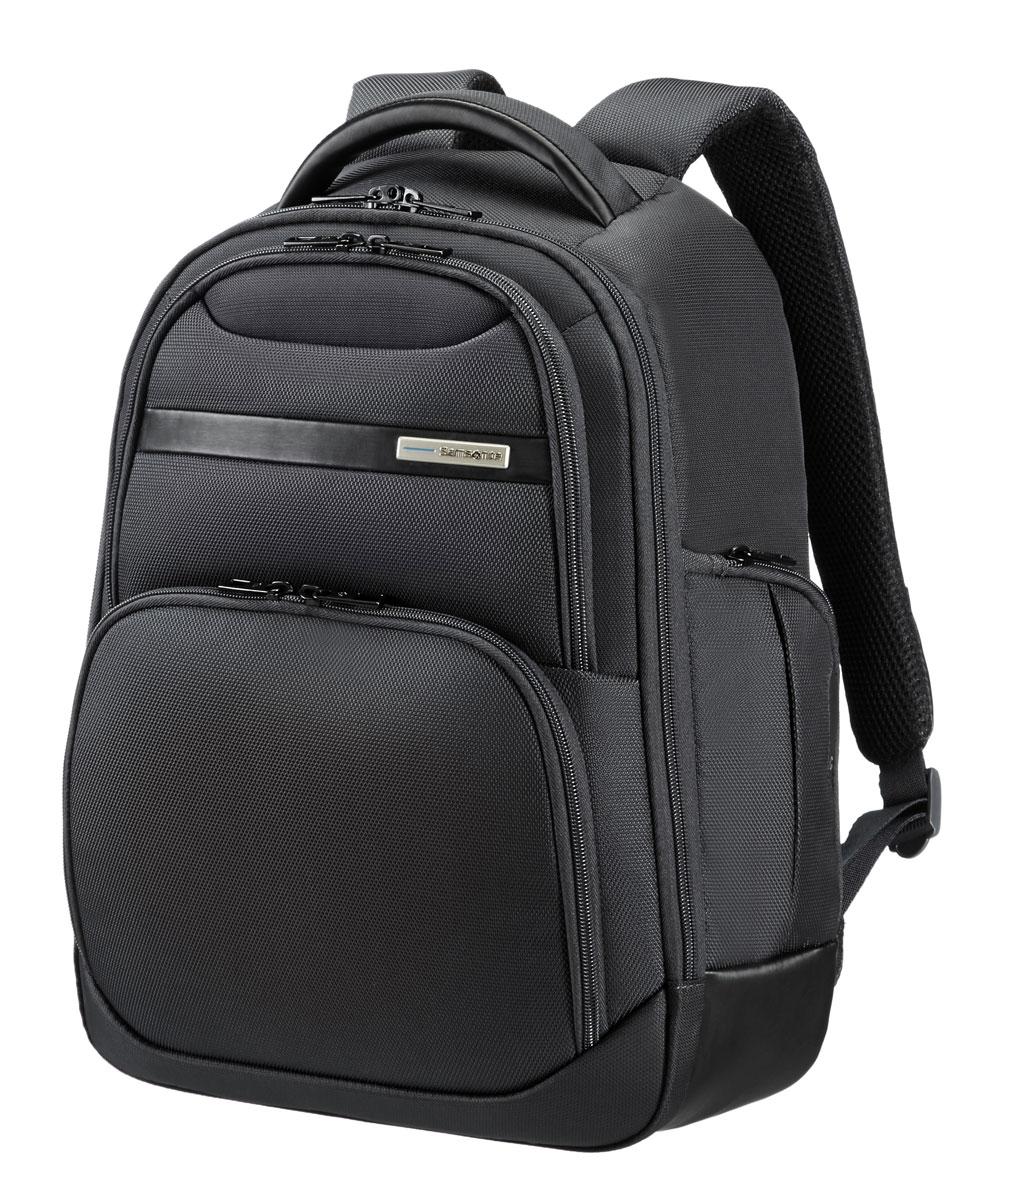 Рюкзак для ноутбука Samsonite, цвет: черный, 15 л, 31,5 х 17,5 х 42 см39V*09007Сочетание прочного полиэстера и элементов полиуретана с отполированной металлической фурнитурой;потайной карман для хранения; удобные и хорошо организованные модели рюкзаков